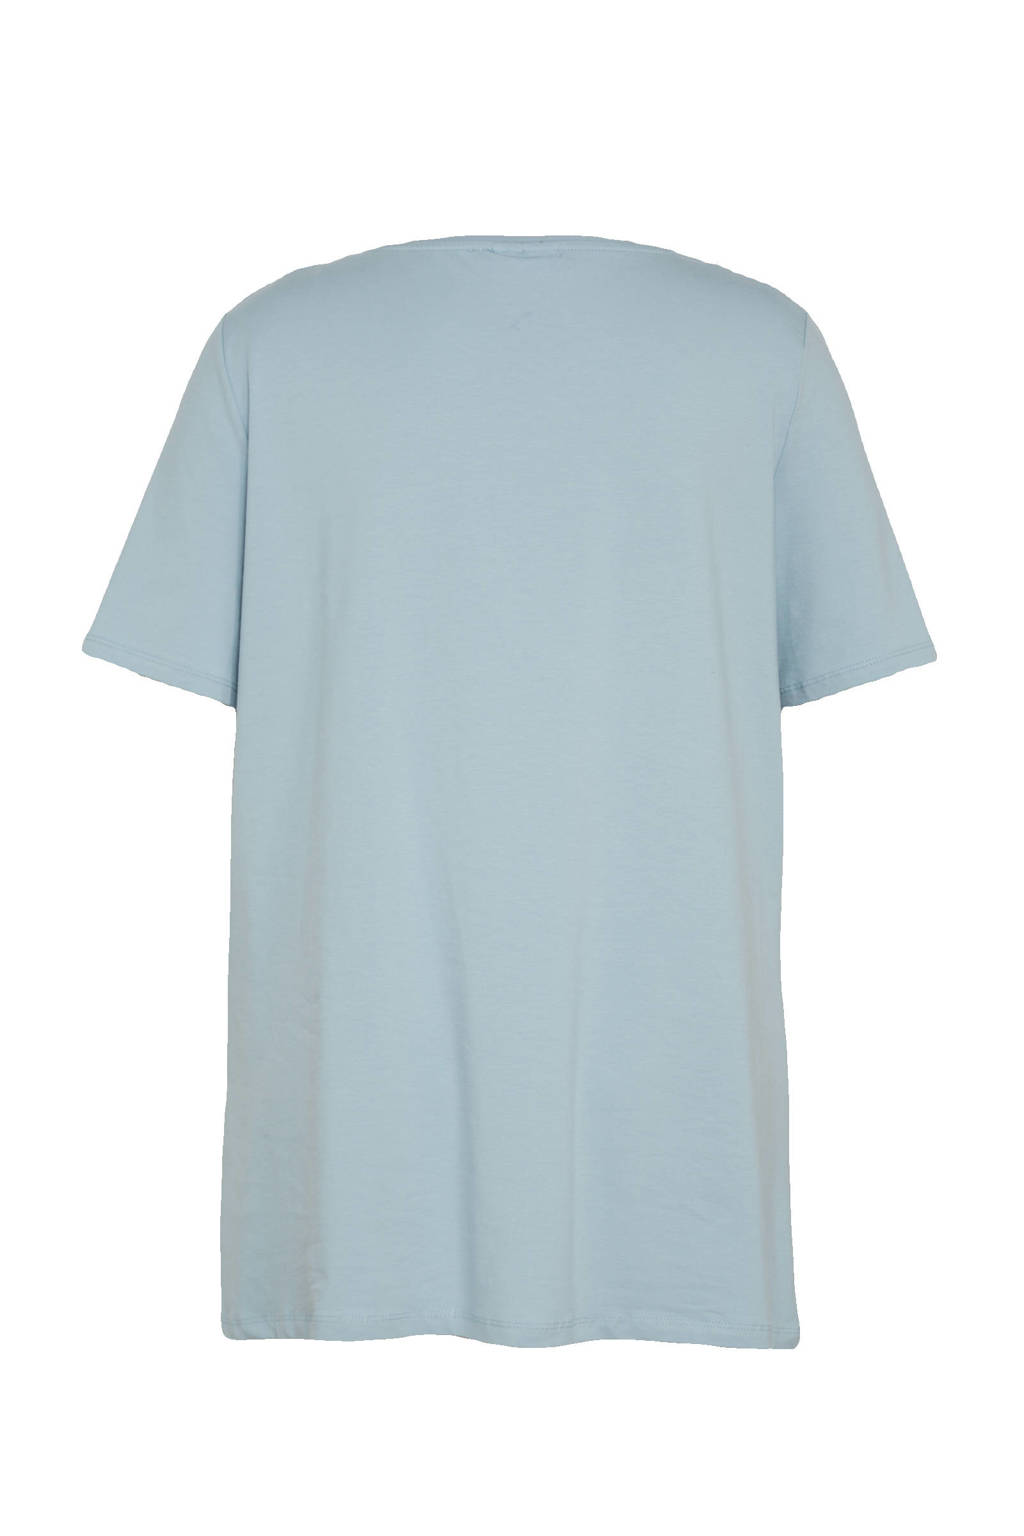 C&A XL Yessica T-shirt met biologisch katoen lichtblauw, Lichtblauw